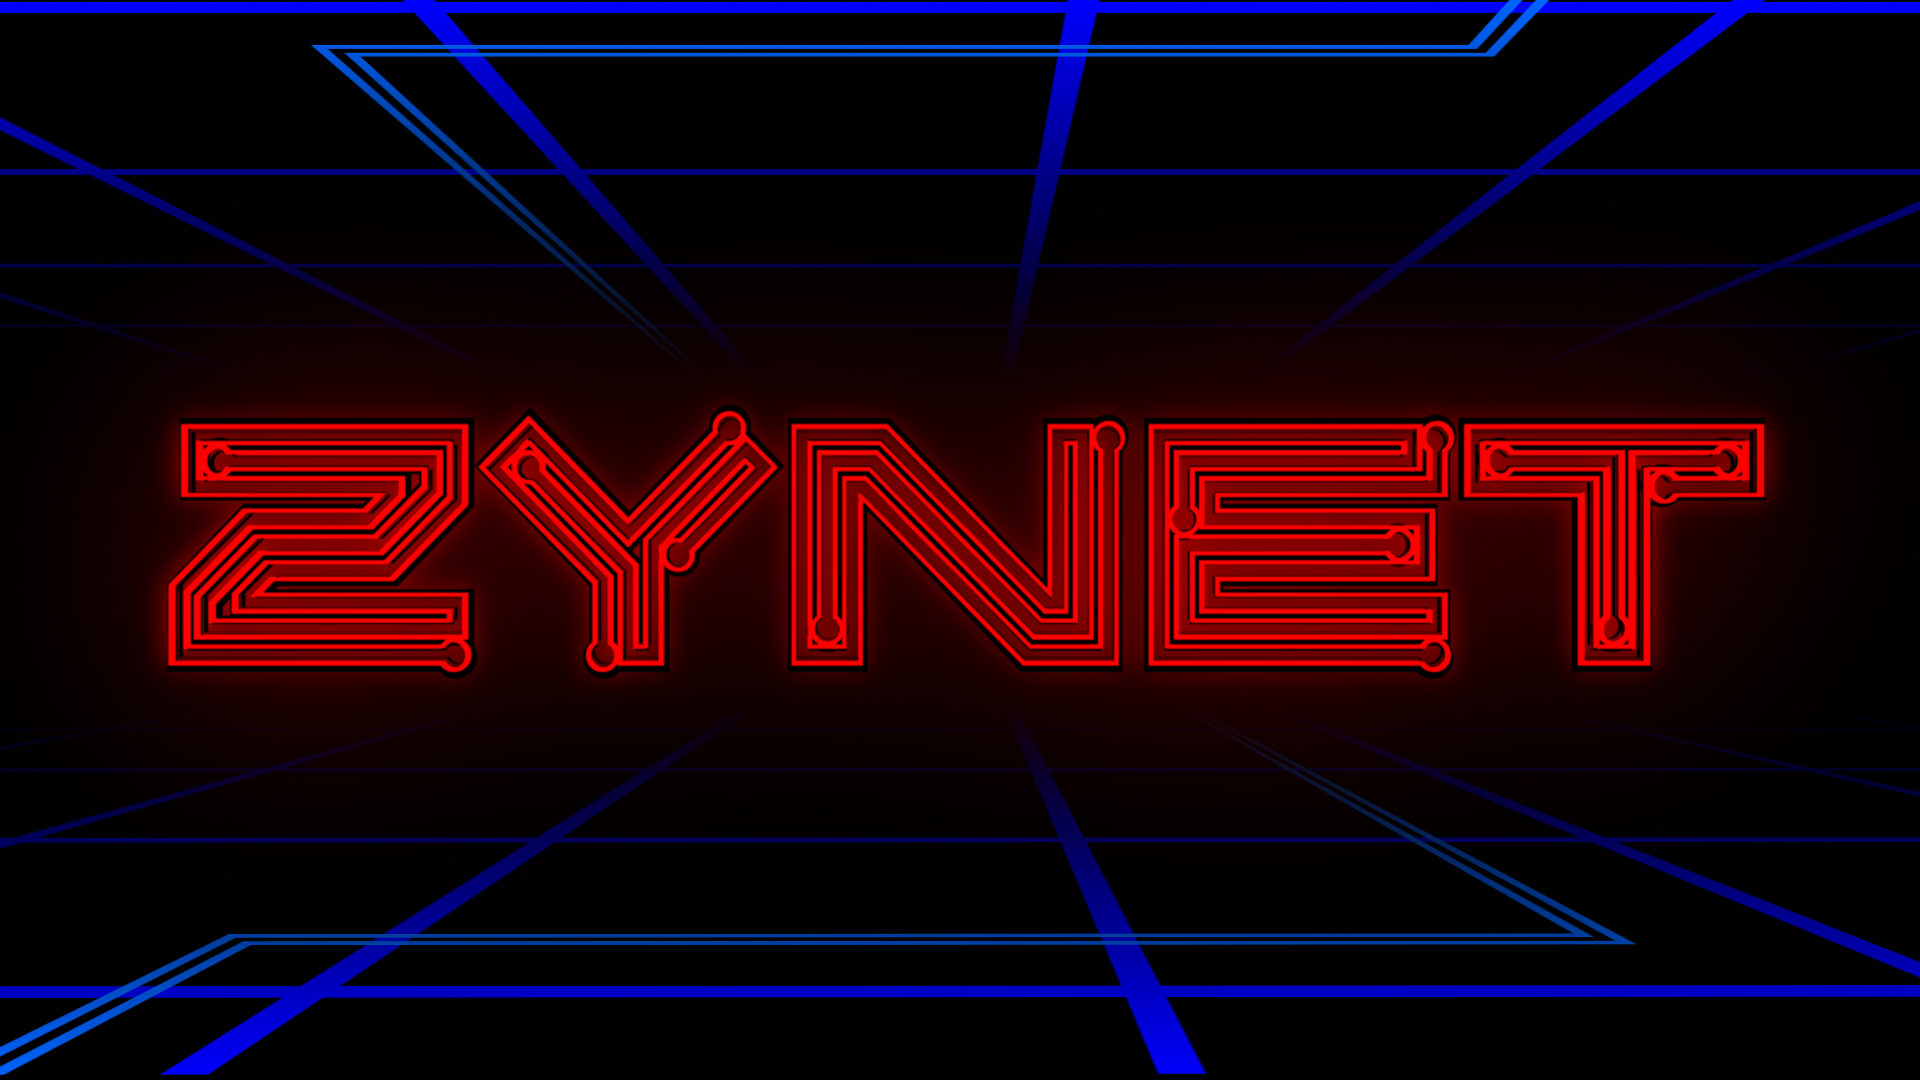 ZynetBanner_v2_1920x1080.png